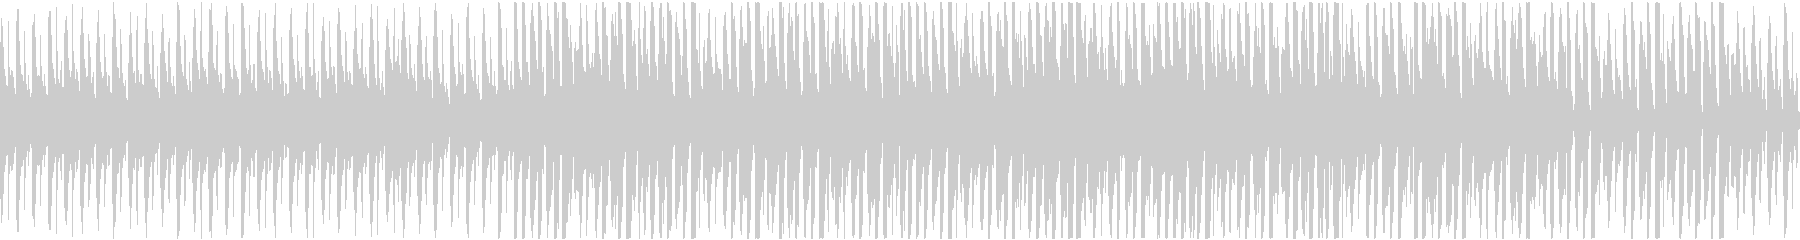 淡々とクールな4つ打ちBGMの未再生の波形